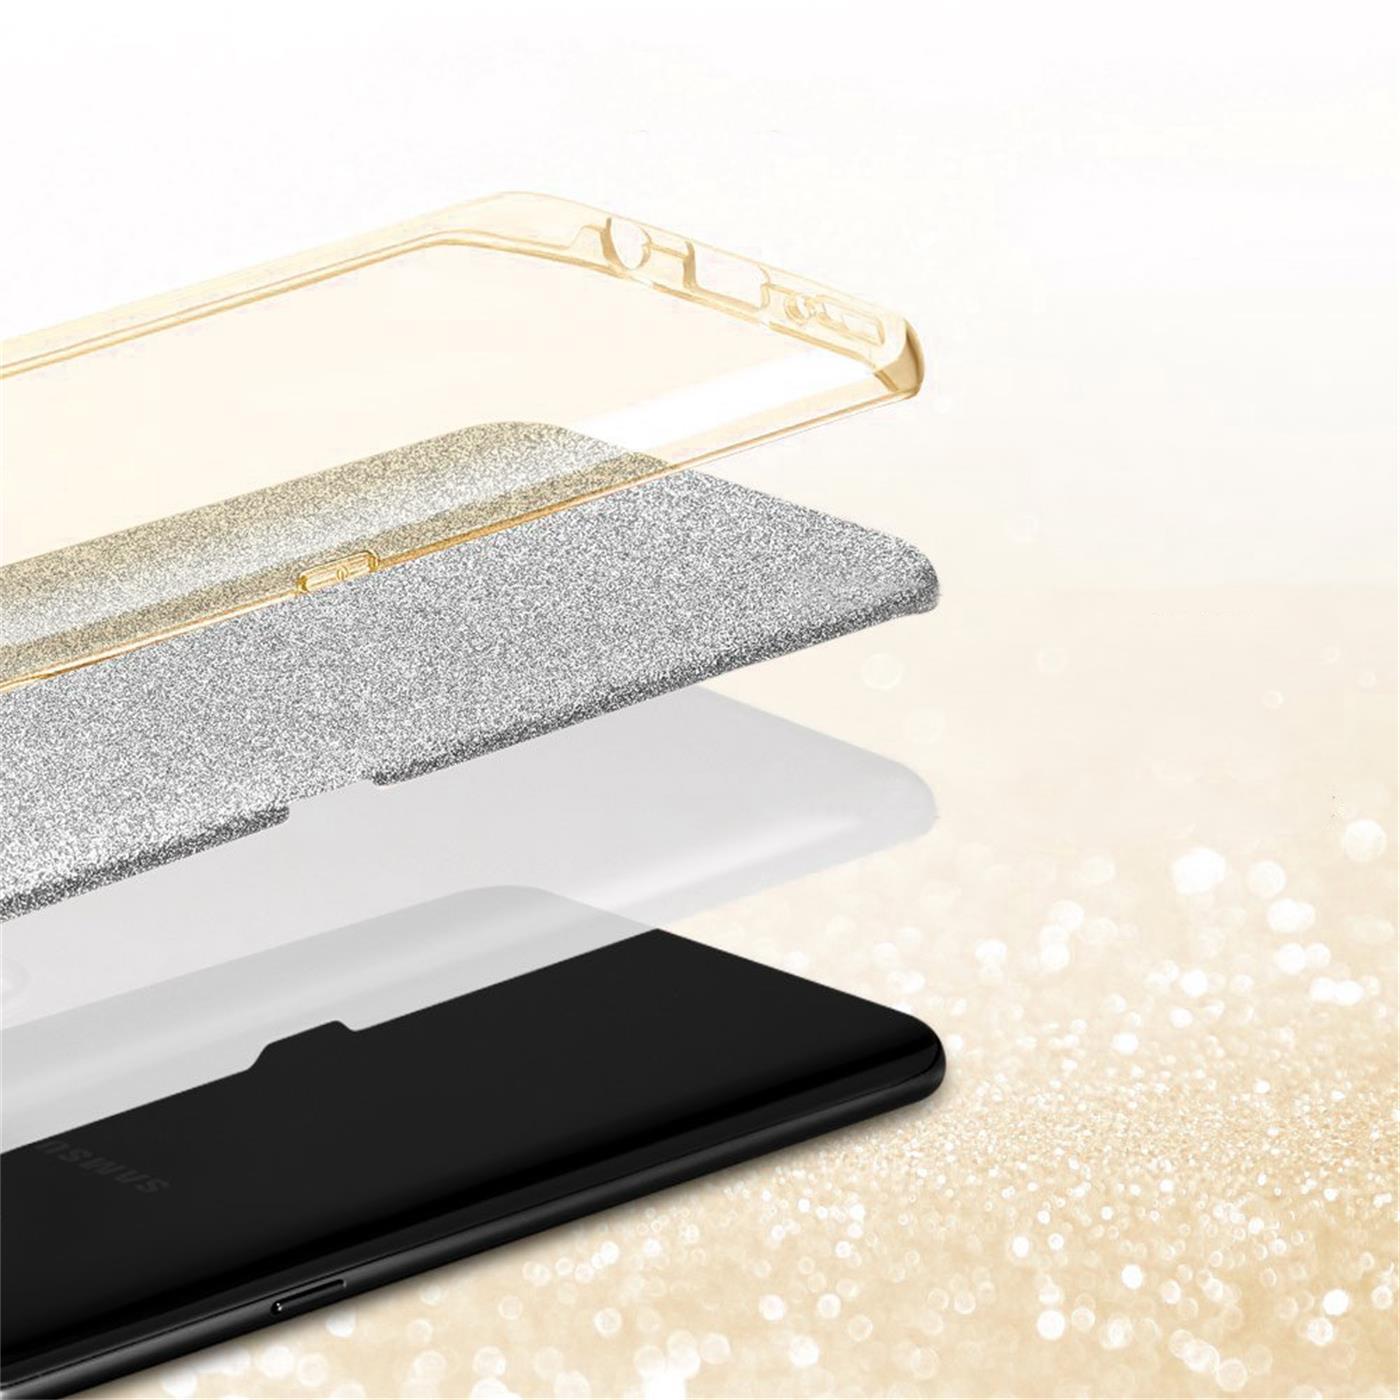 Handy-Glitzer-Huelle-fuer-Samsung-Galaxy-Slim-TPU-Cover-Case-Silikon-Schutz-Tasche Indexbild 8